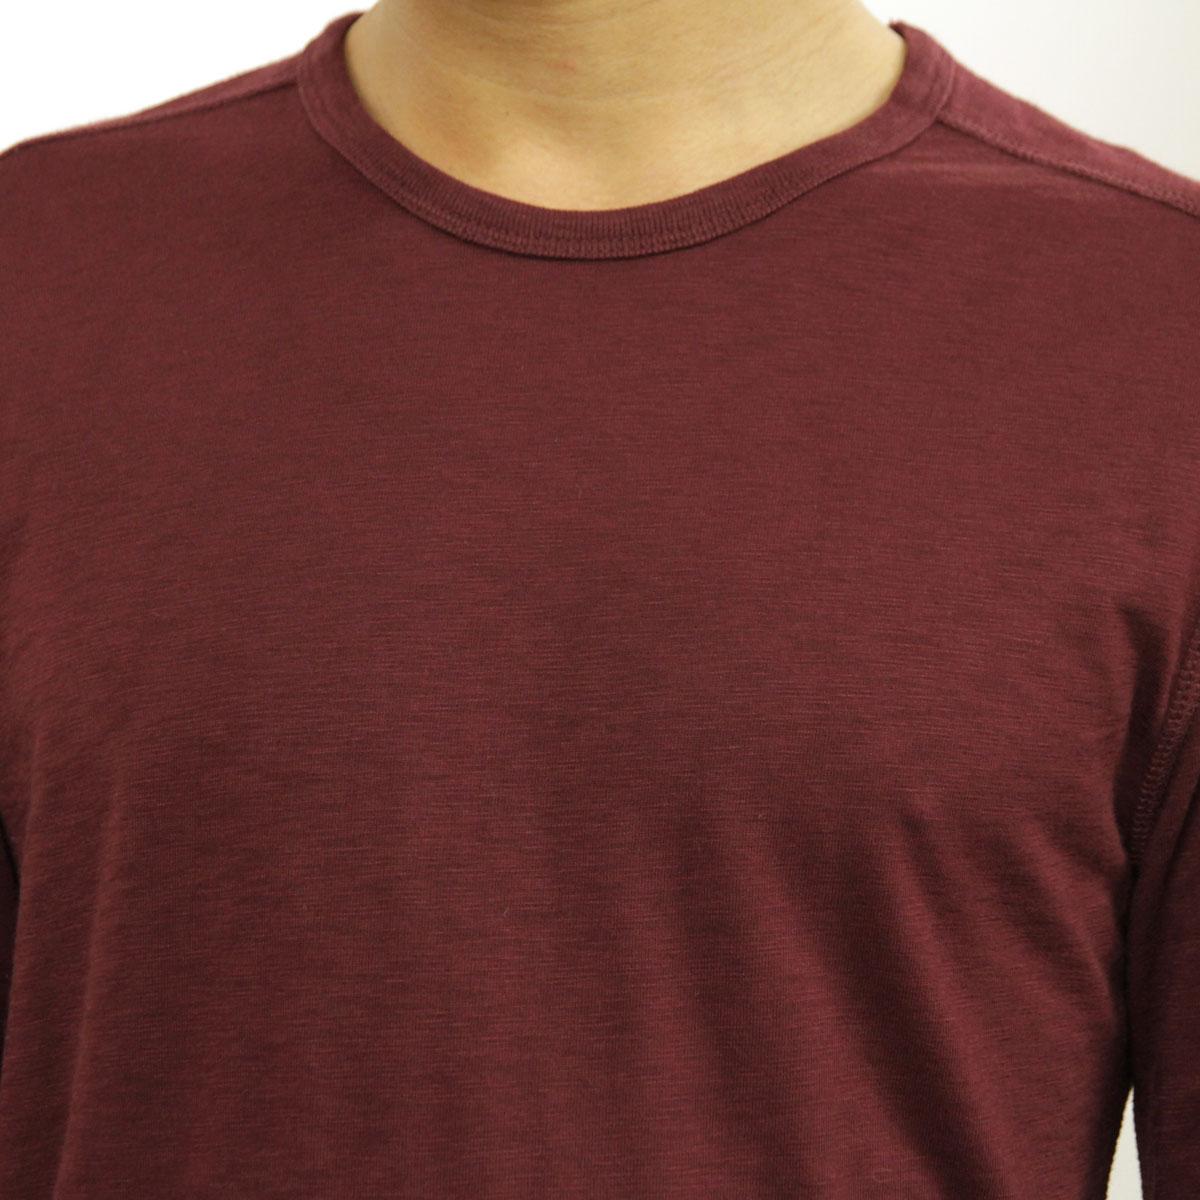 ジェイクルー J.CREW 正規品 メンズ 長袖Tシャツ LONG-SLEEVE TEXTURED COTTON T-SHIRT b4786